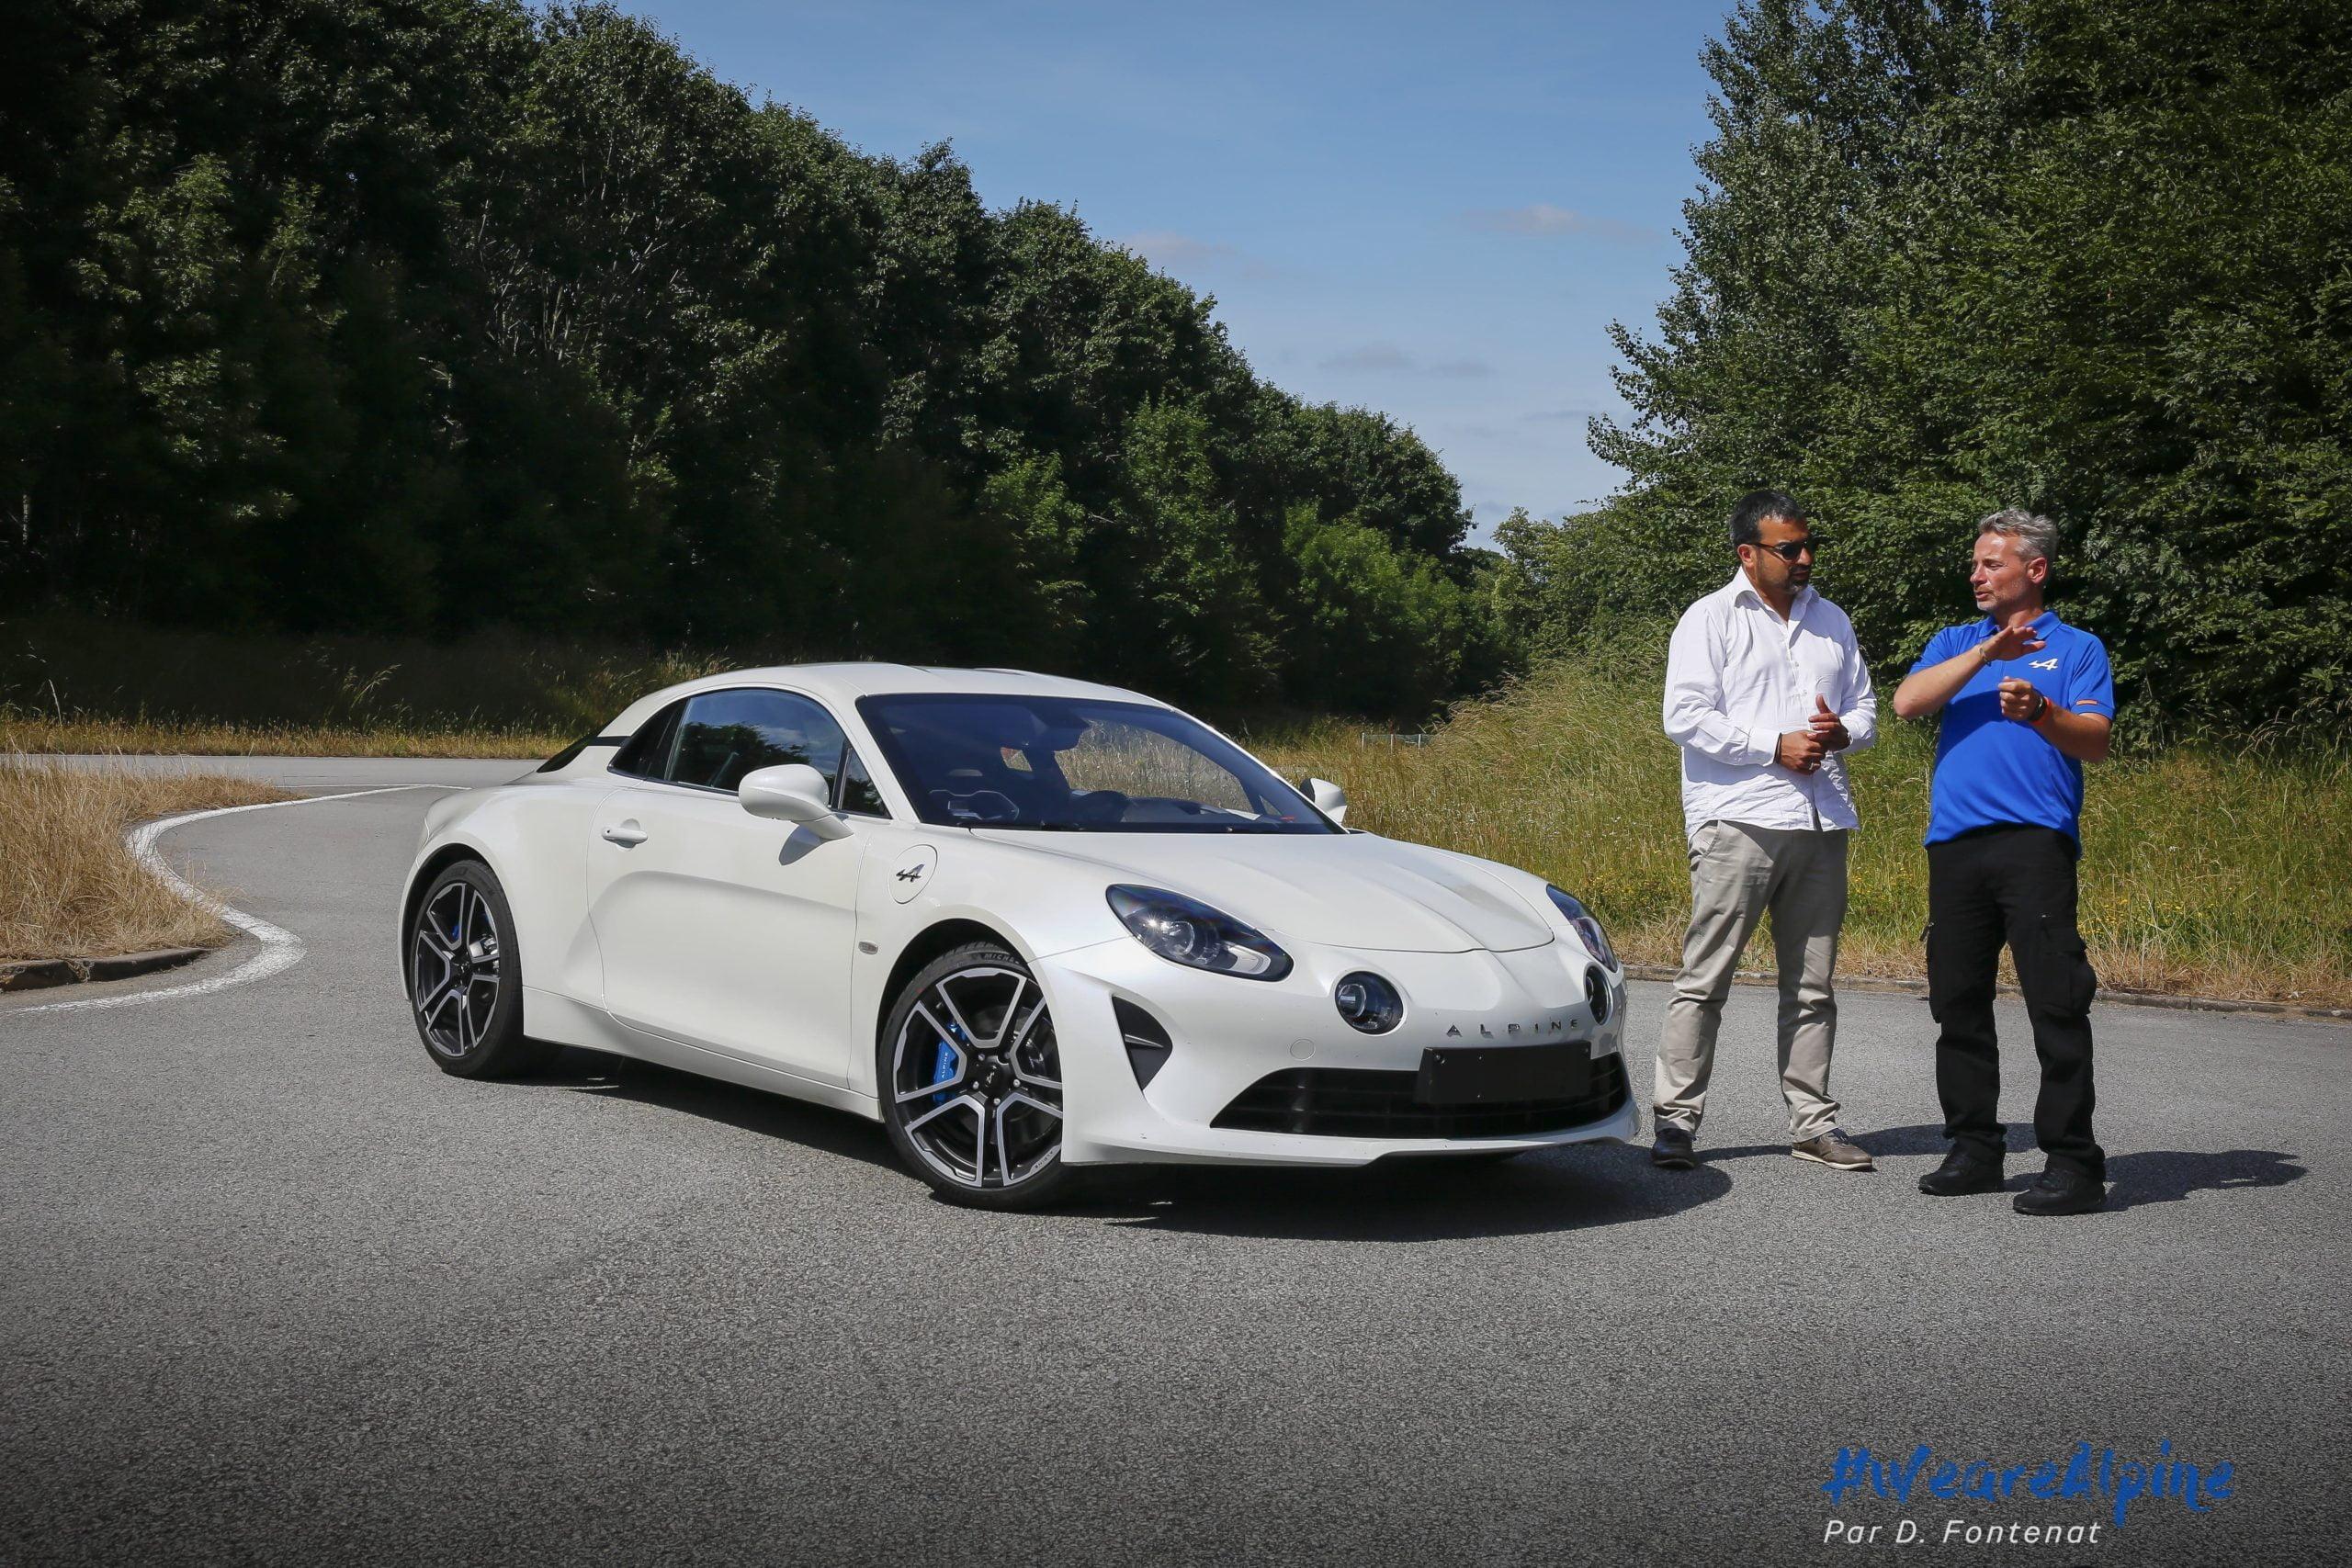 DF10092©D.Fontenat scaled | Essai vidéo de la nouvelle Alpine A110 sur circuit en exclusivité mondiale !